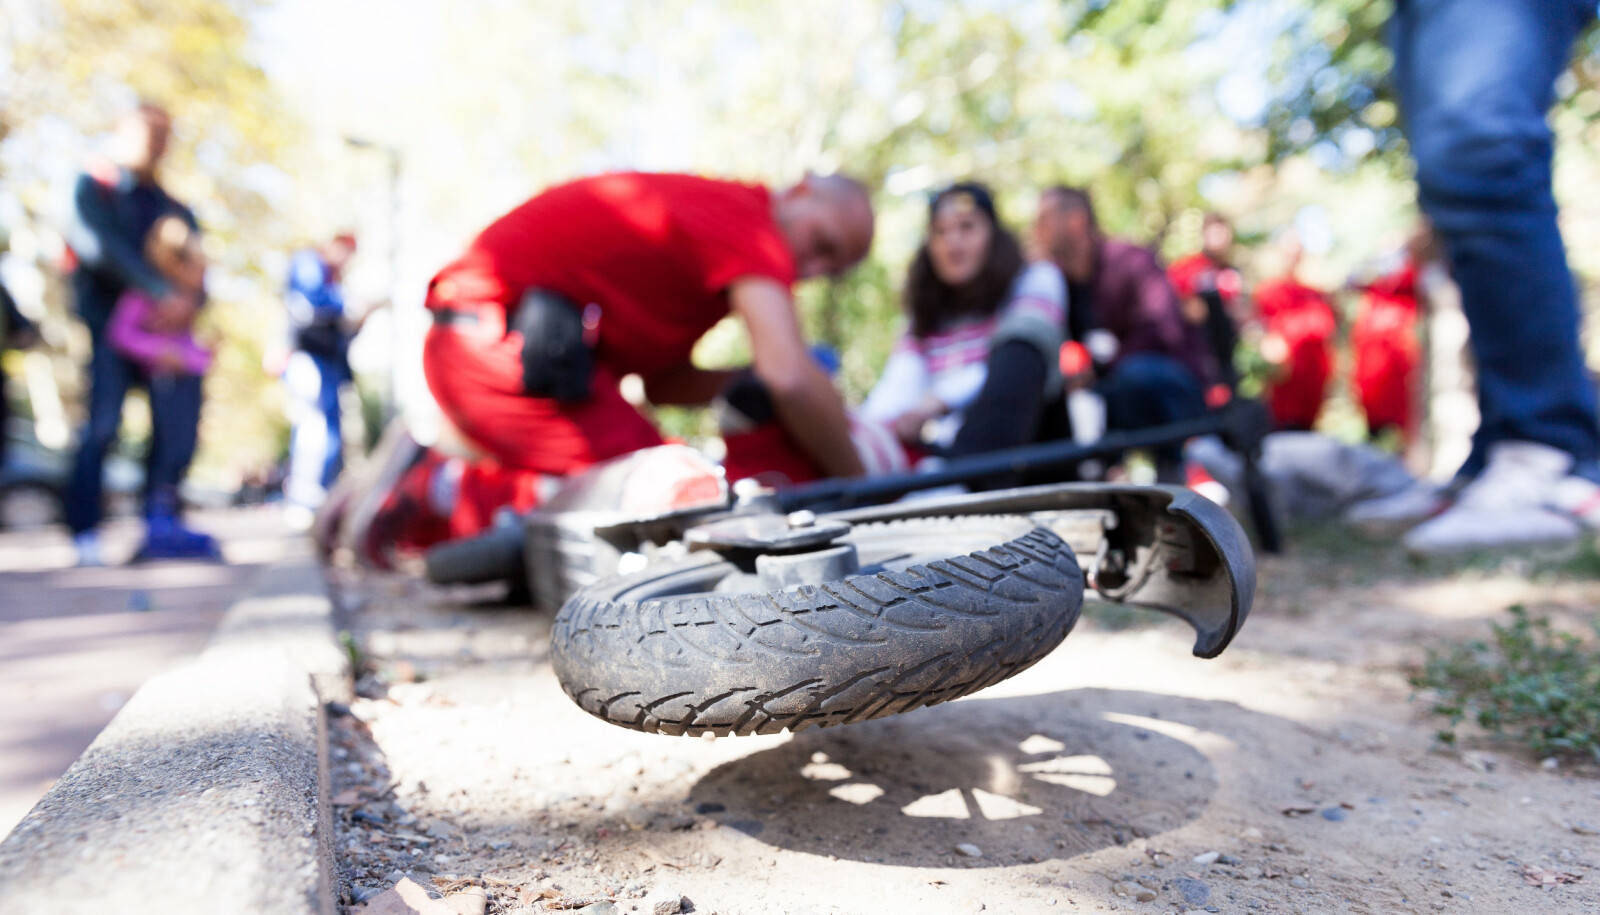 Hodeskader overrepresentert i ulykker med elektriske sparkesykler, avslører ny rapport. - Flaks at det ikke har gått liv, sier overlege. Foto: Shutterstock / NTB Scanpix